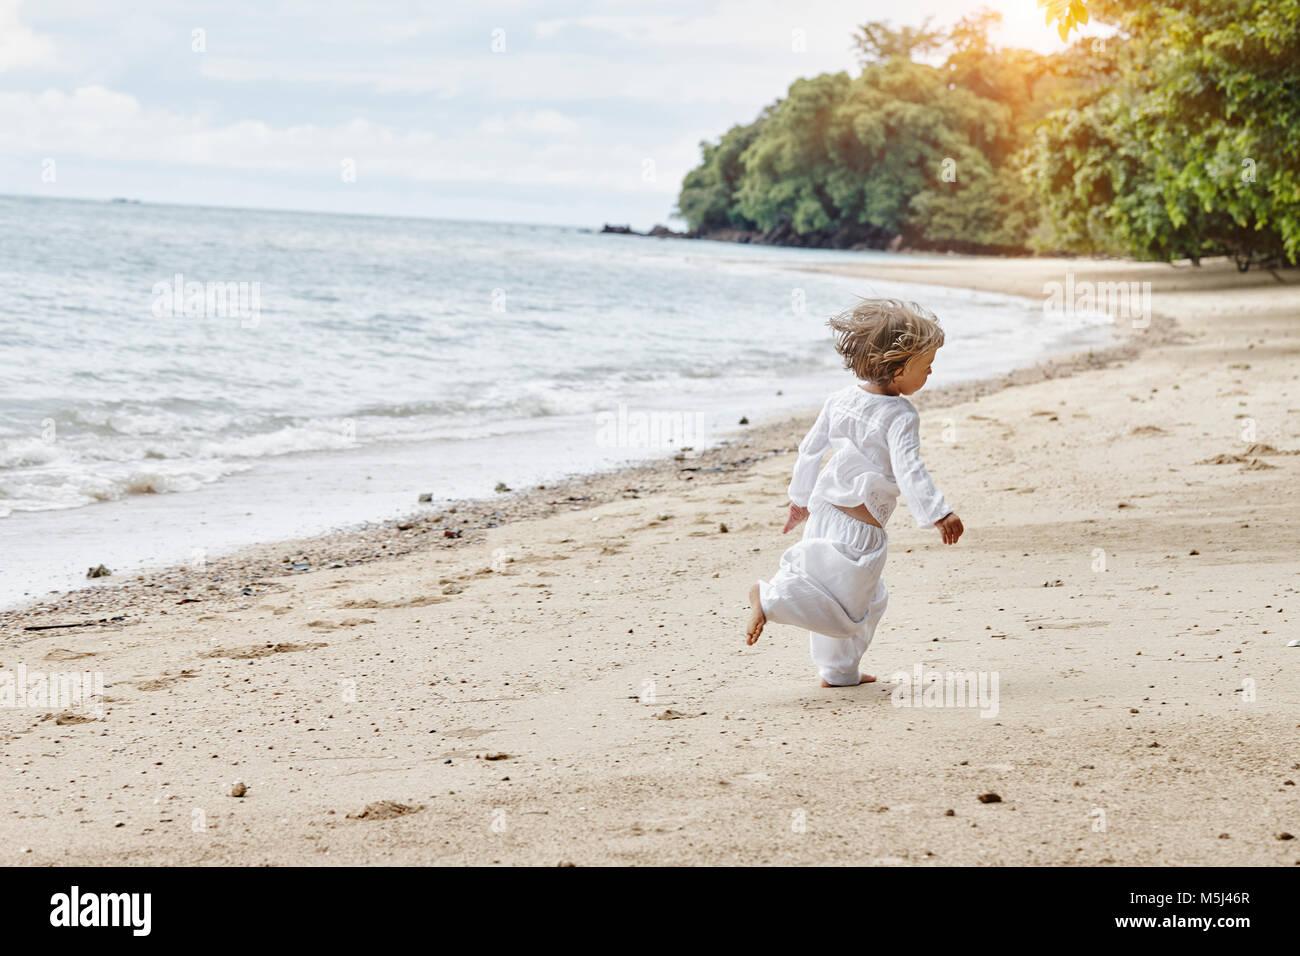 La Thaïlande, Ko Yao Noi, petite fille d'exécution sur la plage Photo Stock